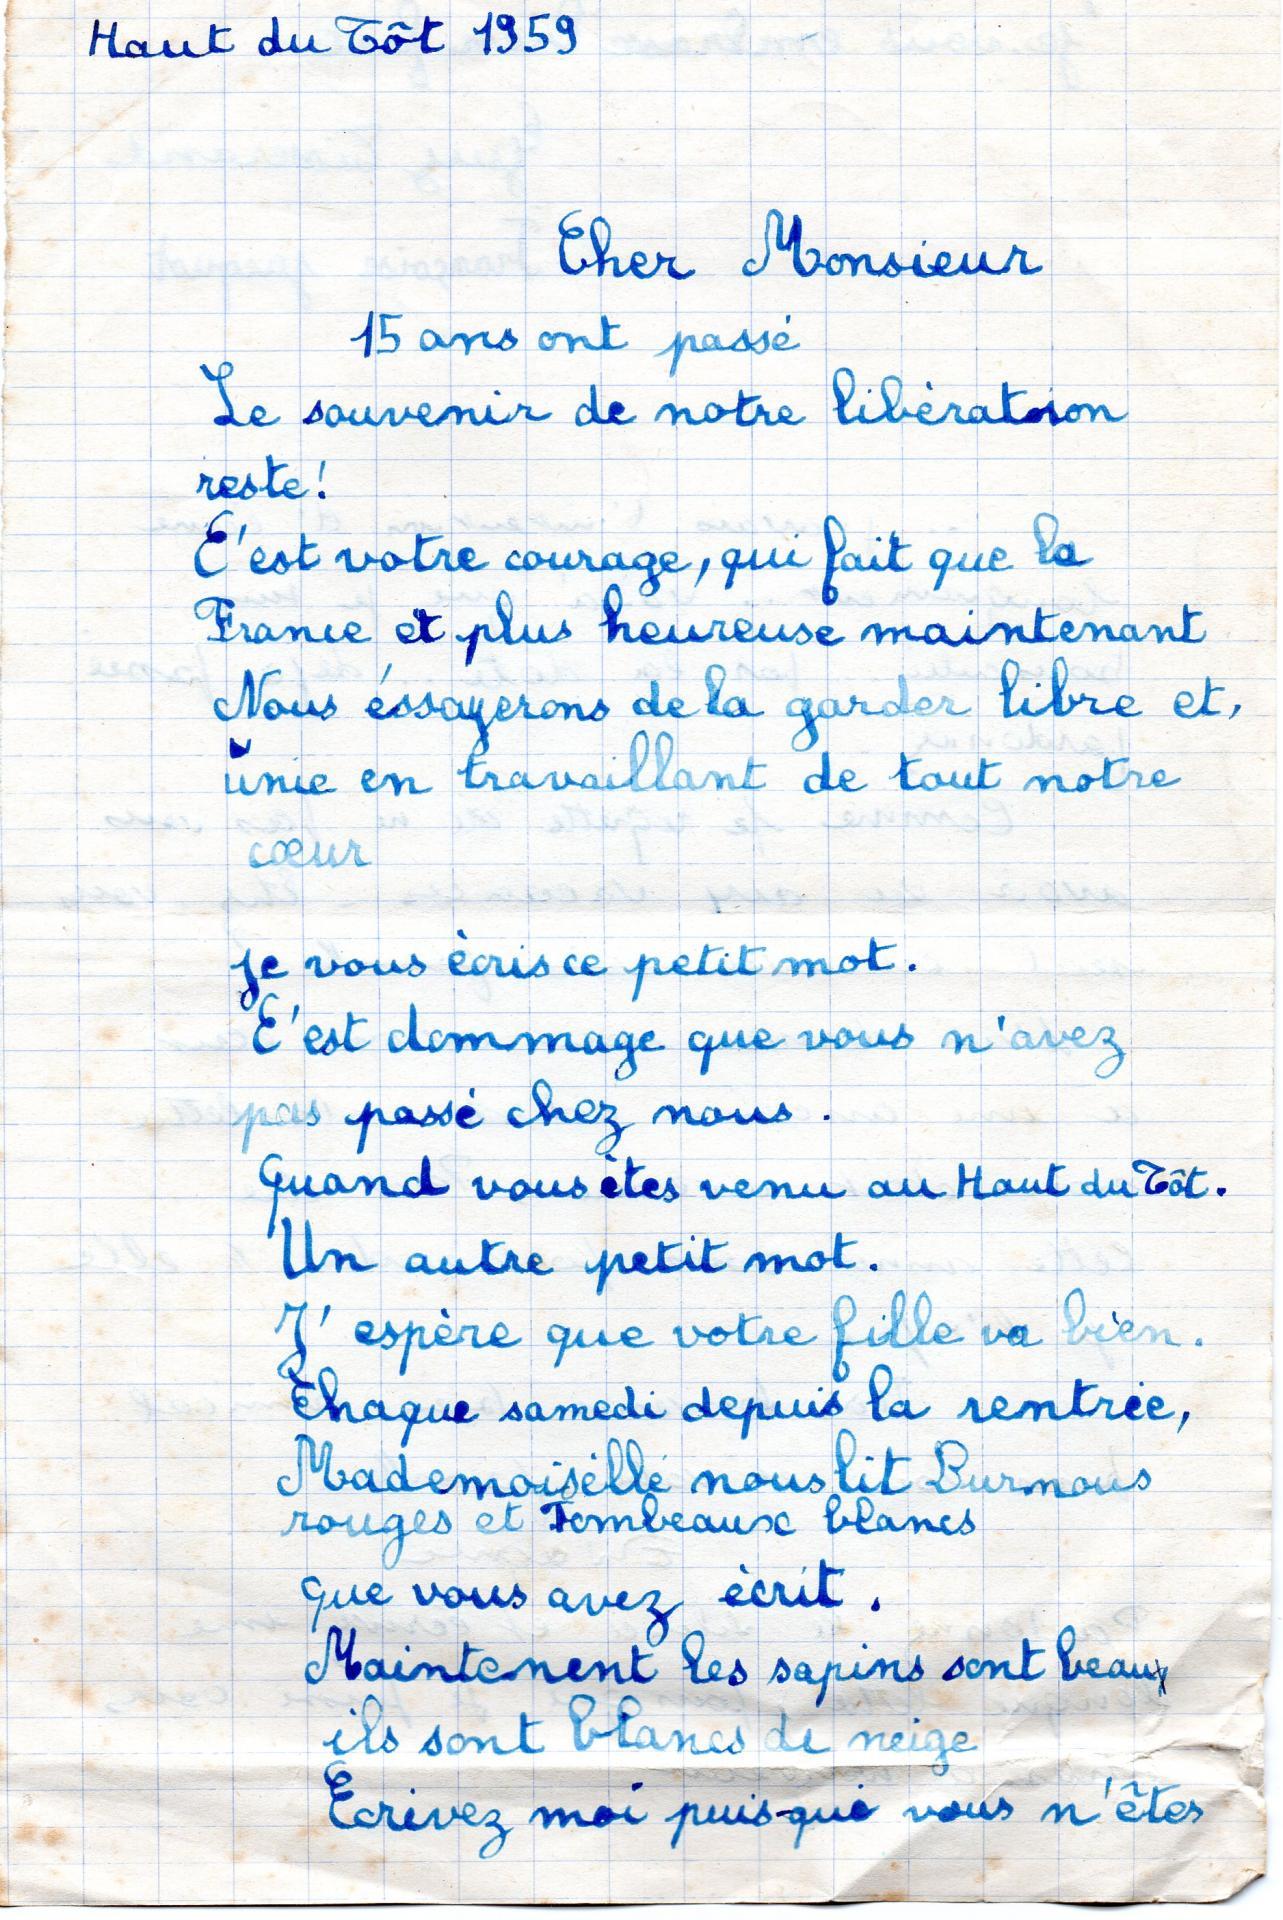 Lettres d eleves haut du tot 1959 001